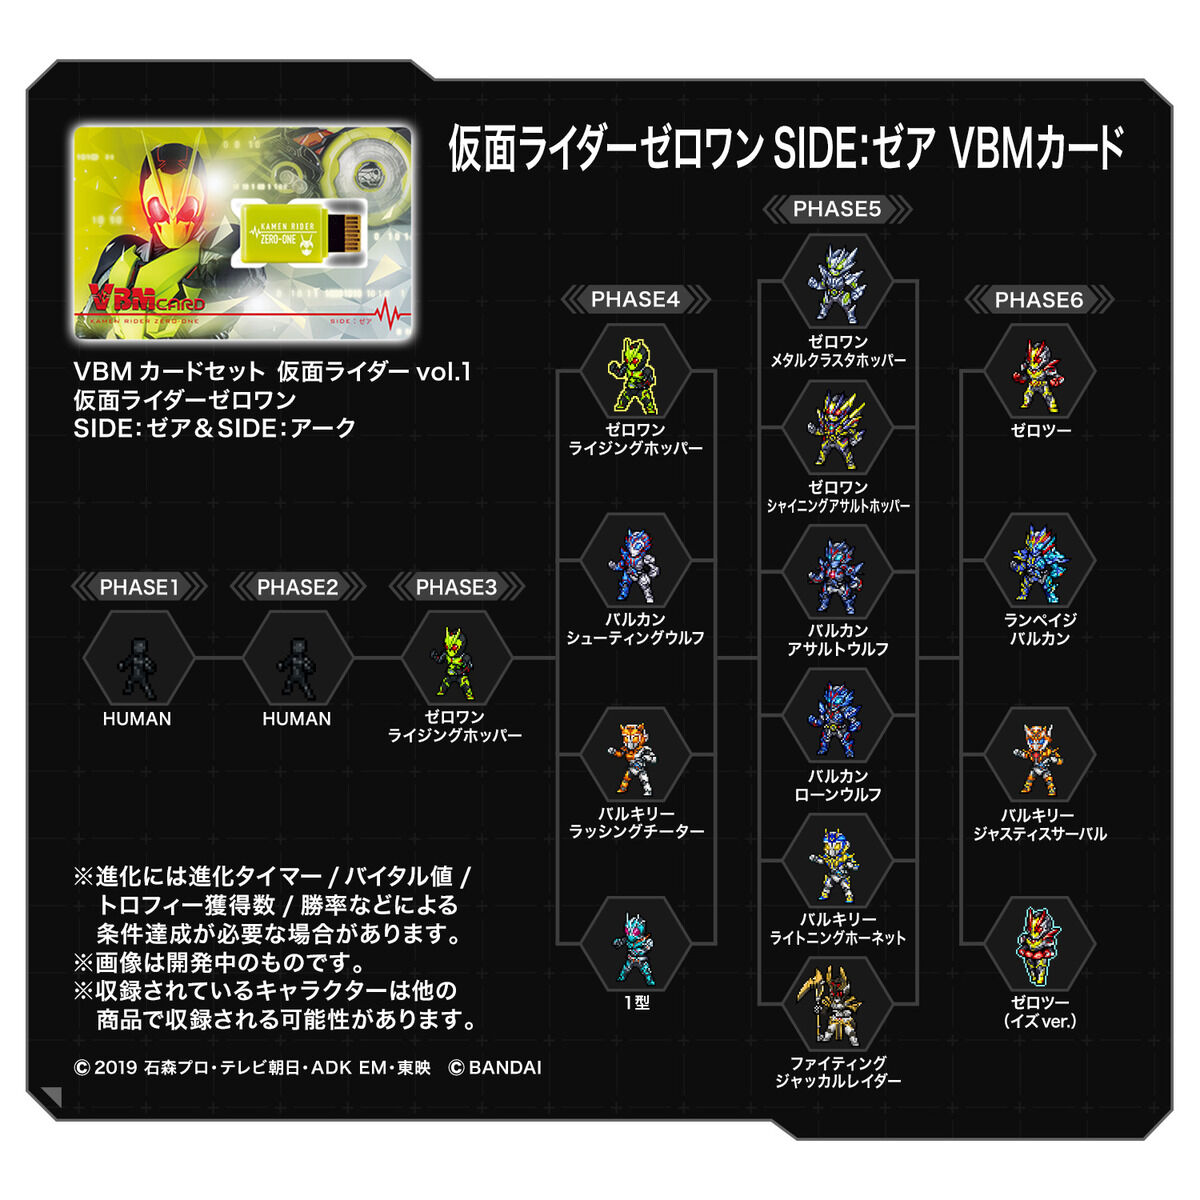 VBMカードセット 仮面ライダーvol.1 仮面ライダーゼロワンSIDE:ゼア&SIDE:アーク